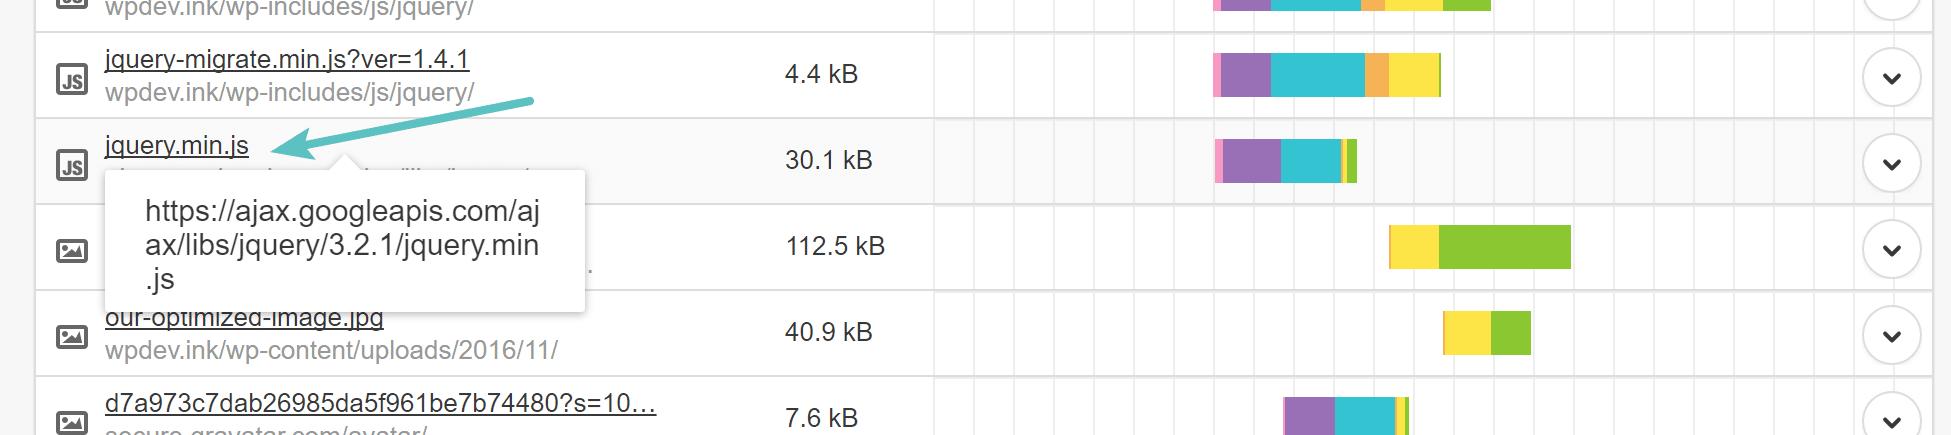 External service - JavaScript